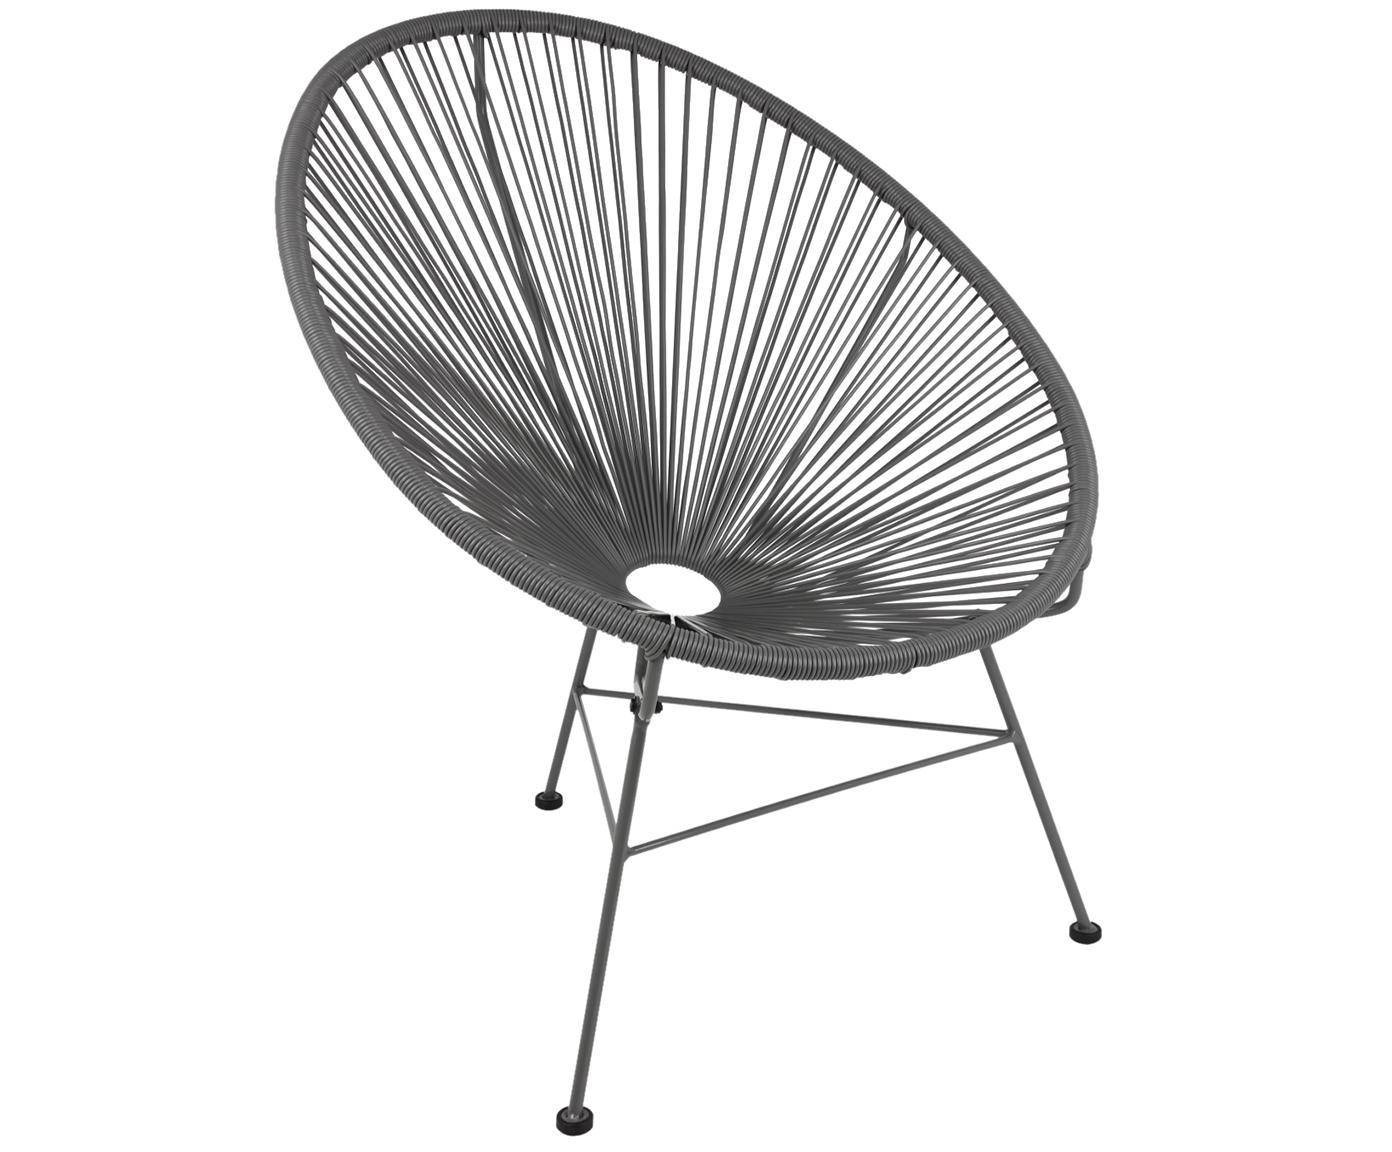 Sedia a poltrona intrecciata Bahia, Seduta: materiale sintetico, Struttura: metallo verniciato a polv, Materiale sintetico: grigio. Struttura: grigio, Larg. 81 x Prof. 73 cm